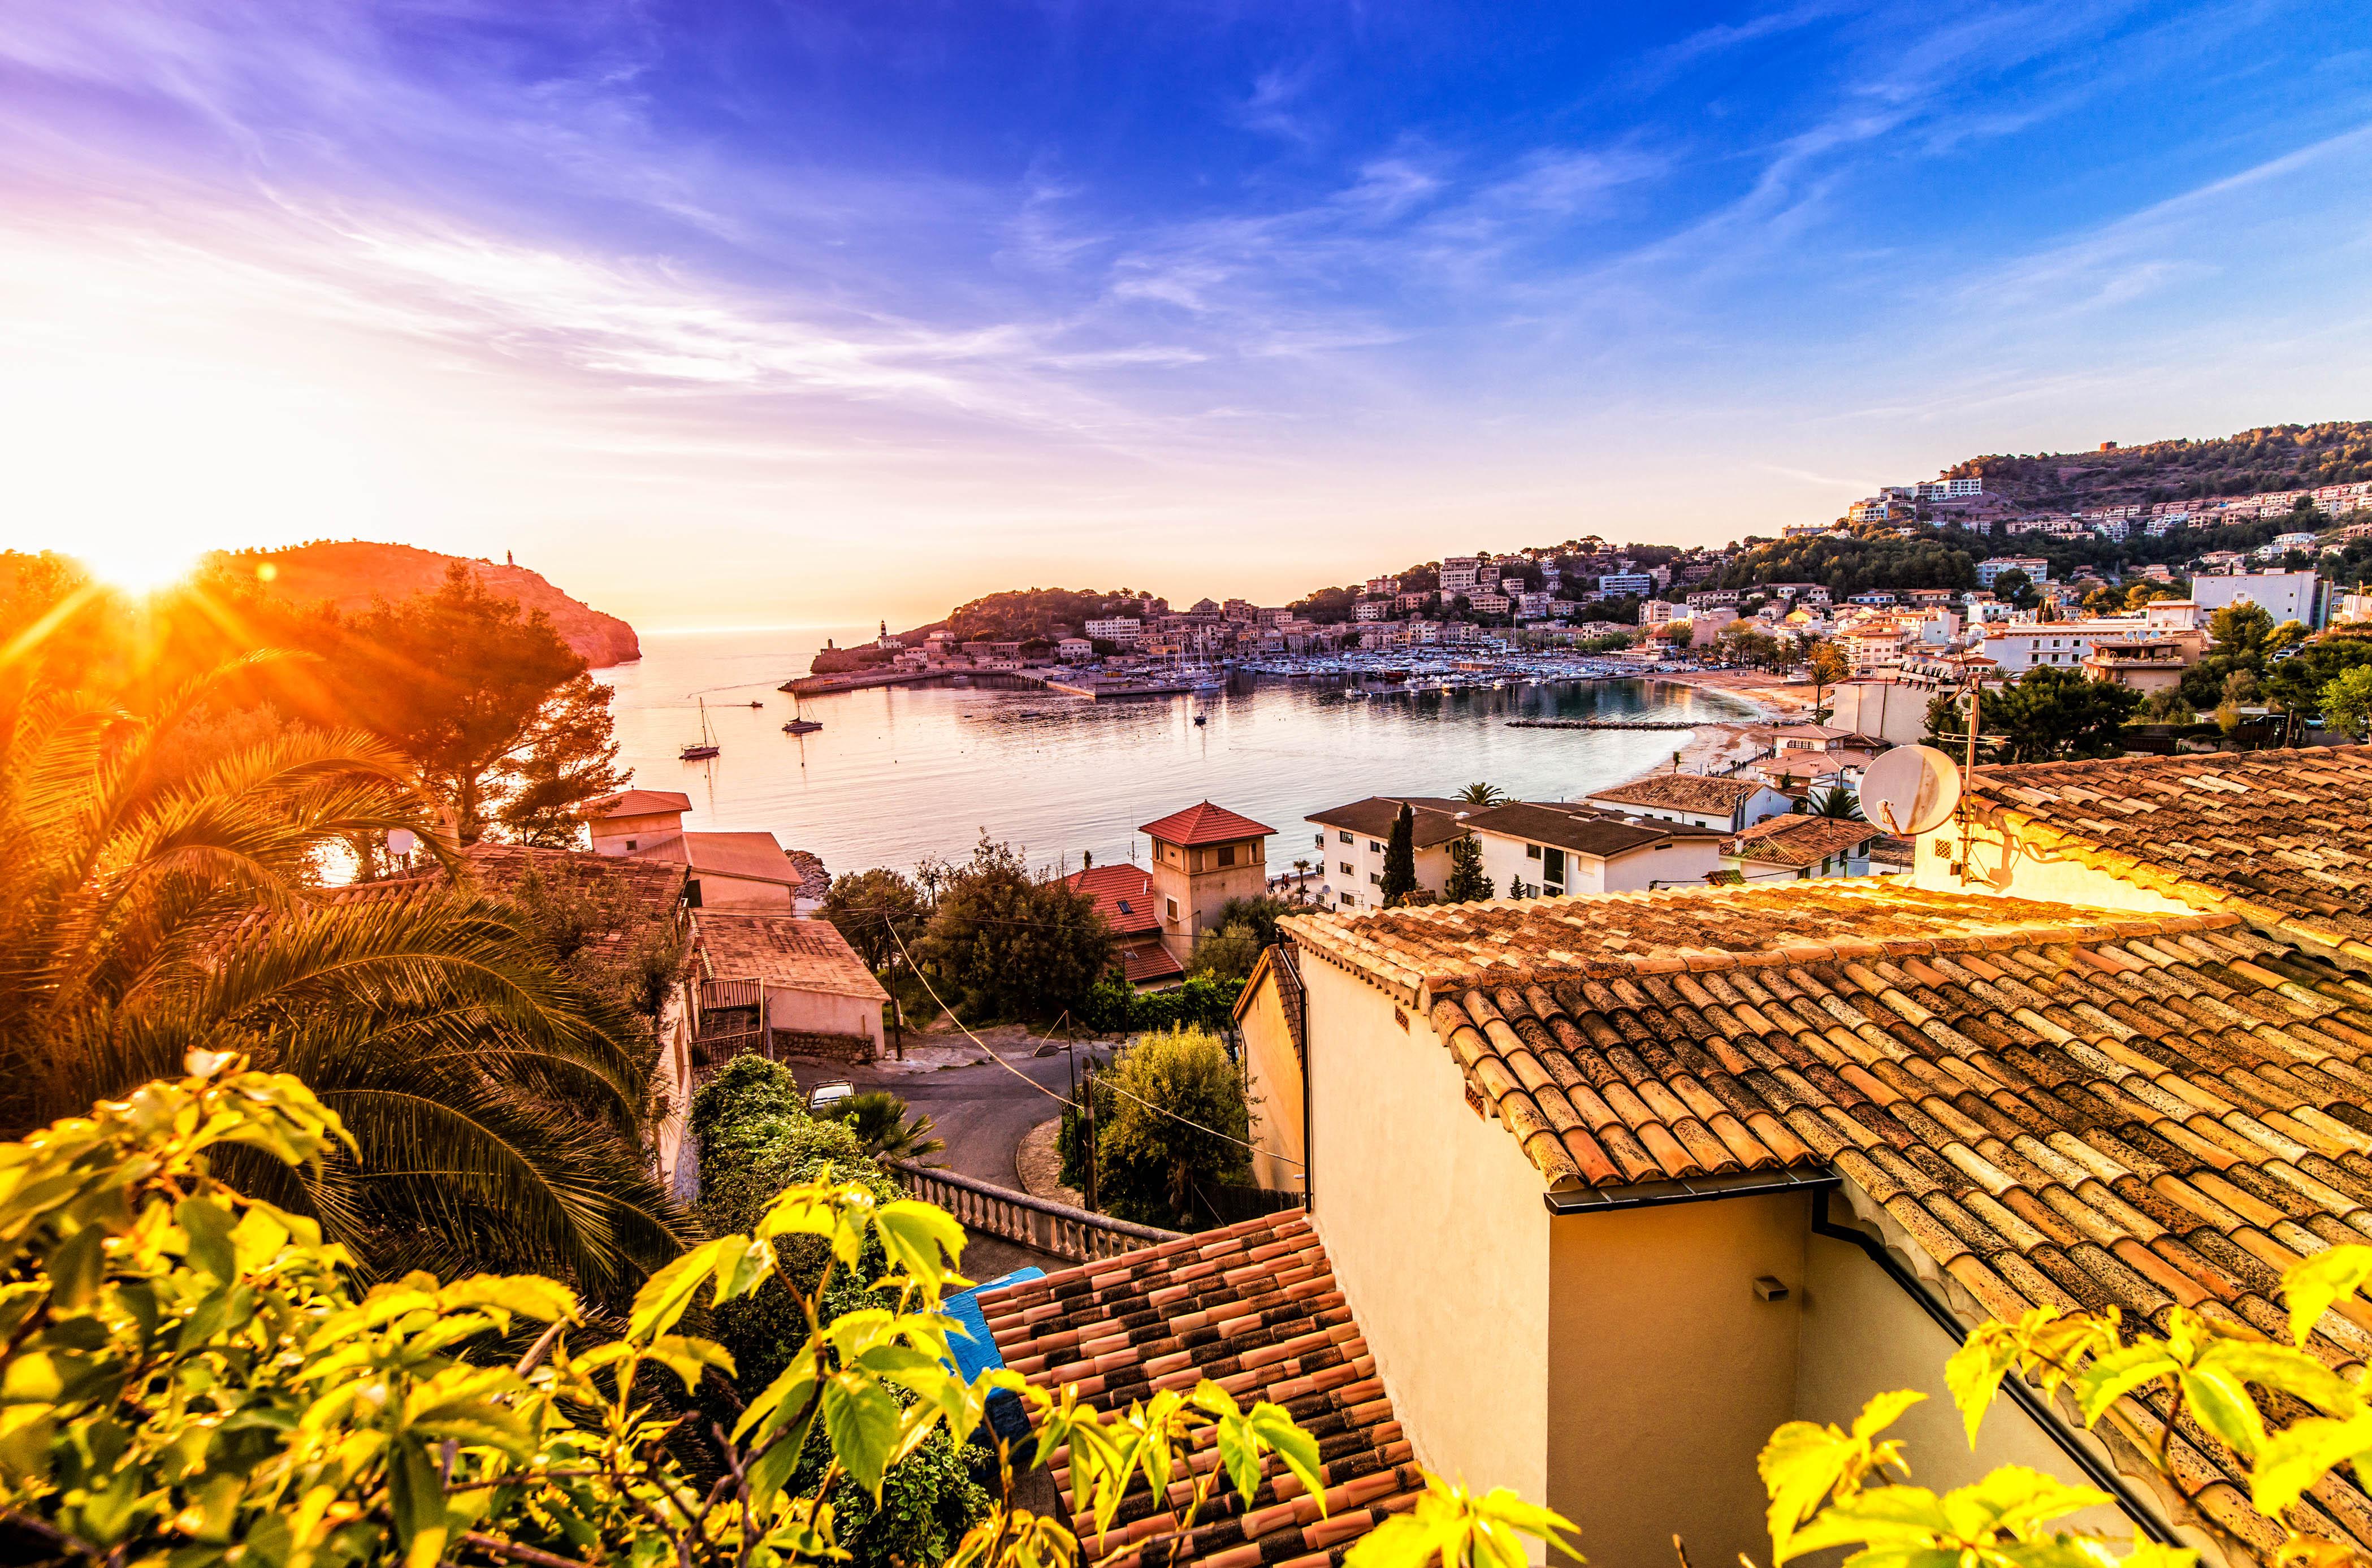 Sunset over the beautifult majorcian harbour town of Port de Soller (Puerto de Soller).